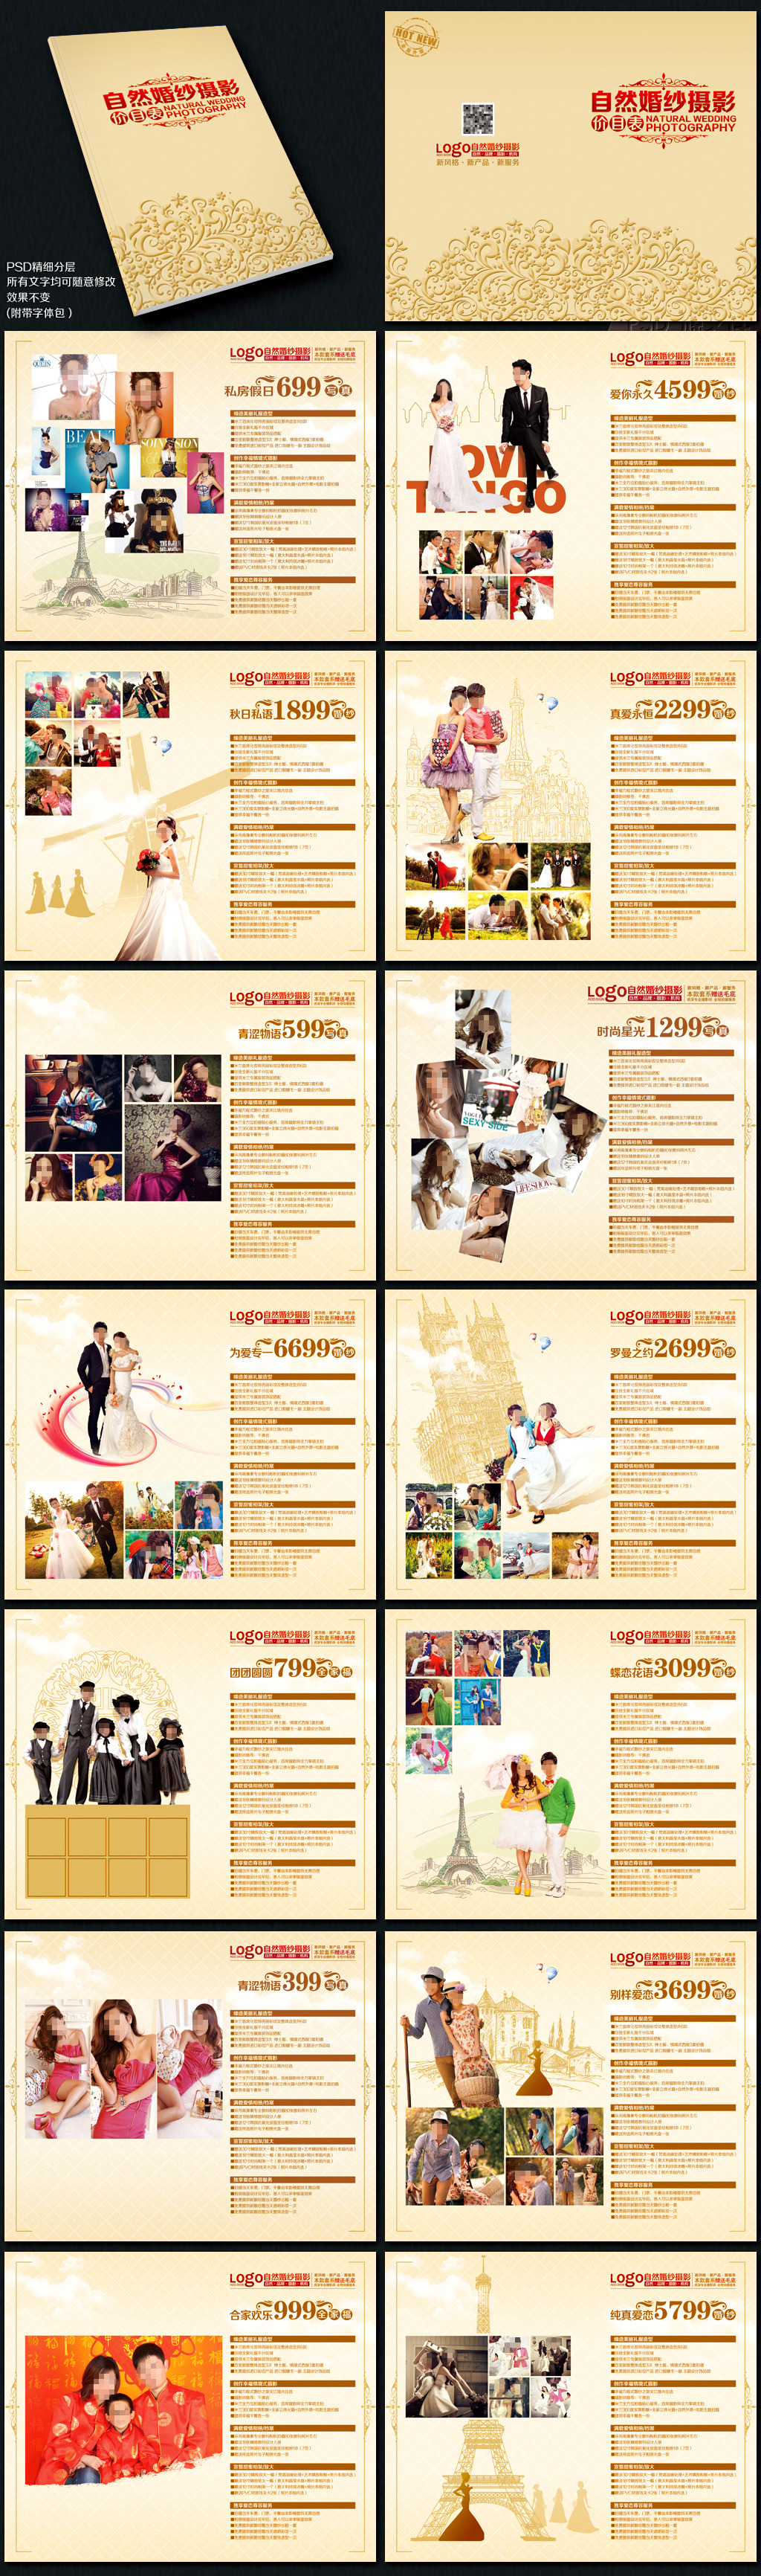 影楼婚礼价格表价目表宣传册模板下载 影楼婚礼价格表价目表宣传册